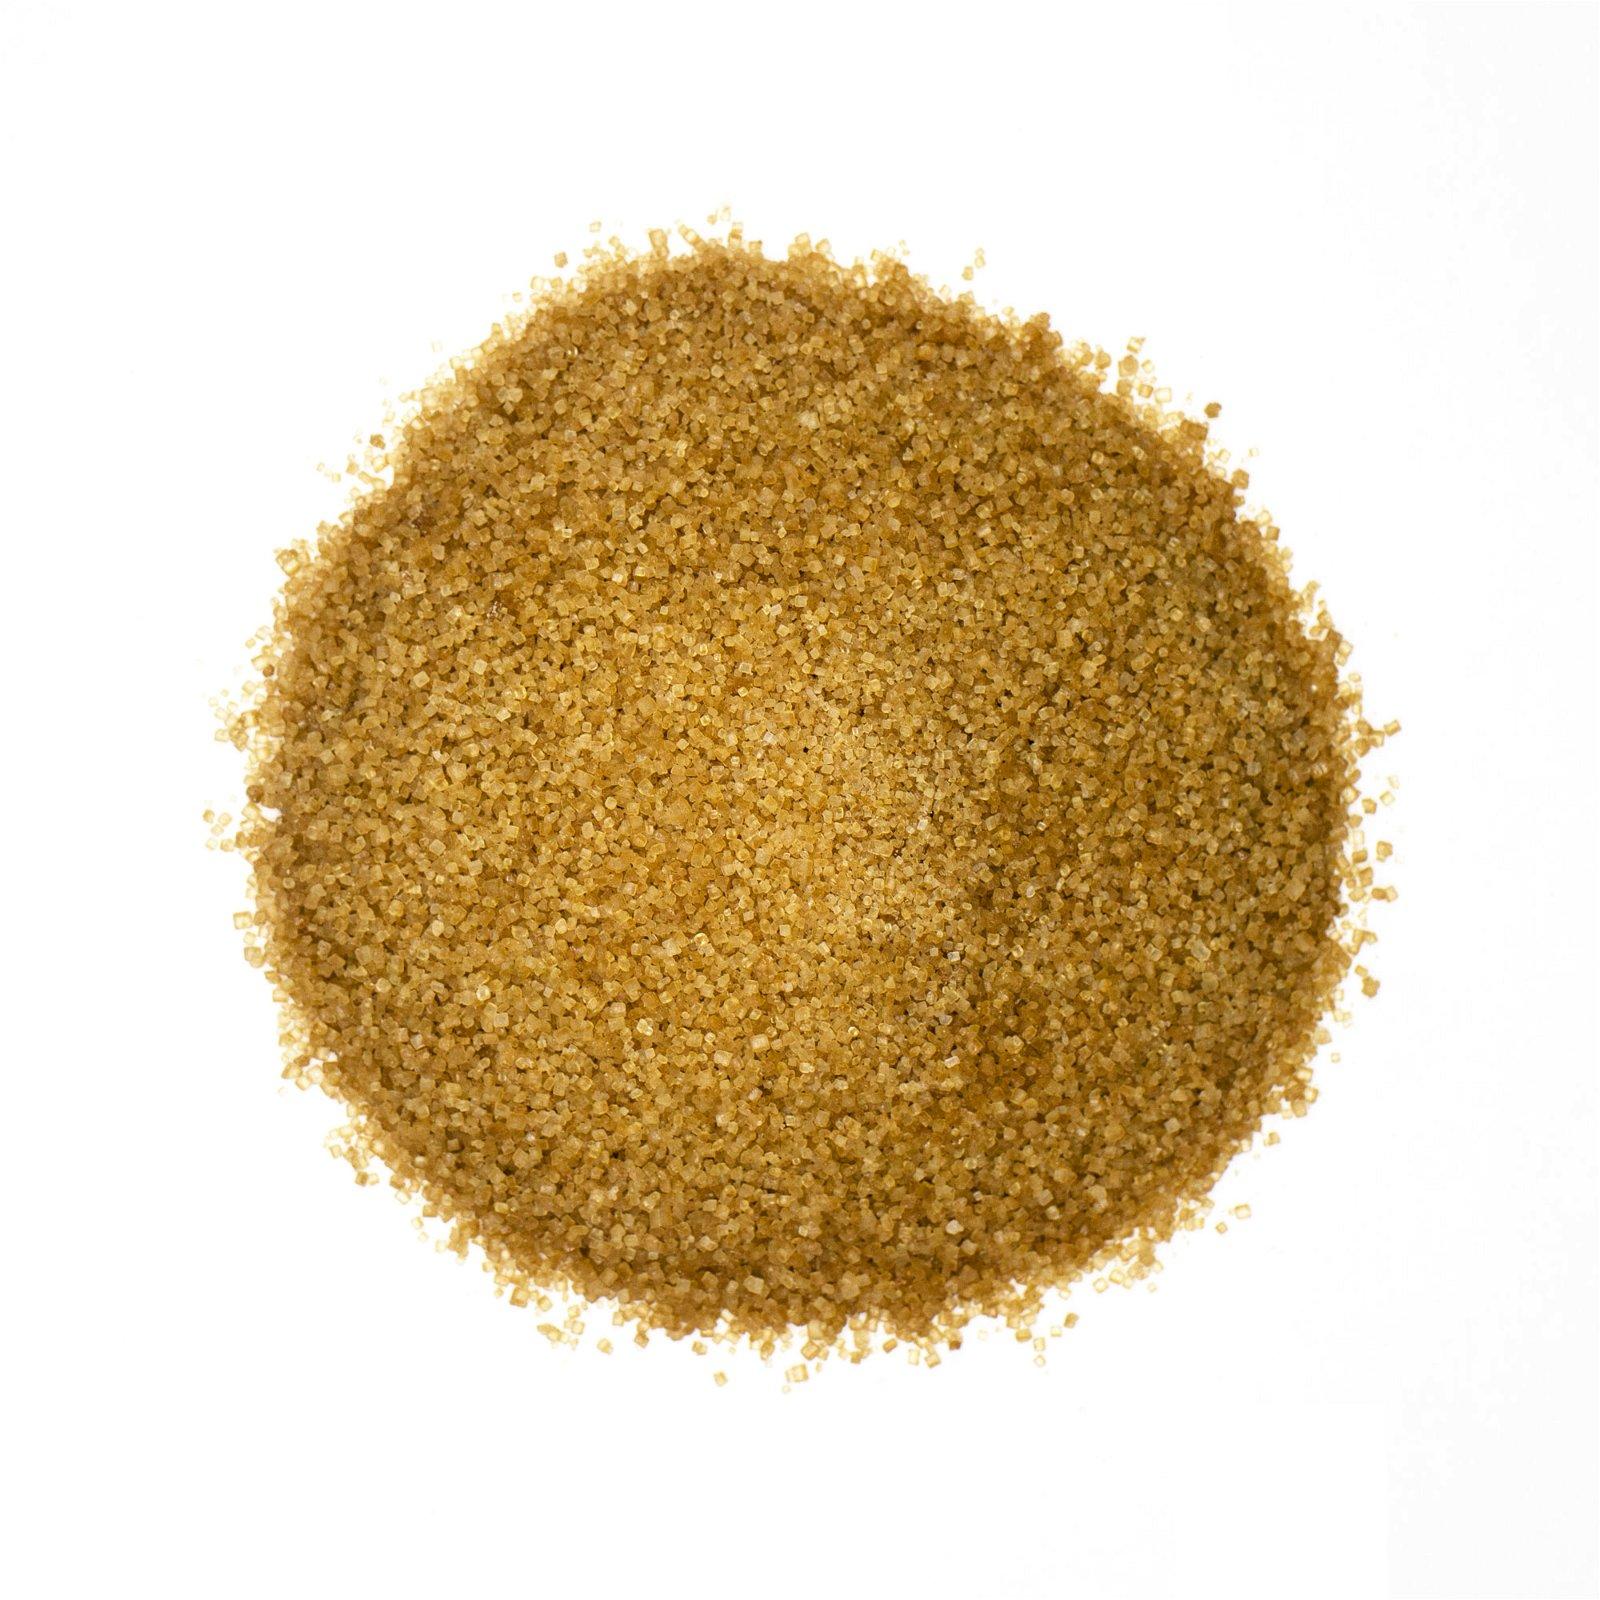 img-la-fourche-1kg-de-sucre-roux-en-vrac